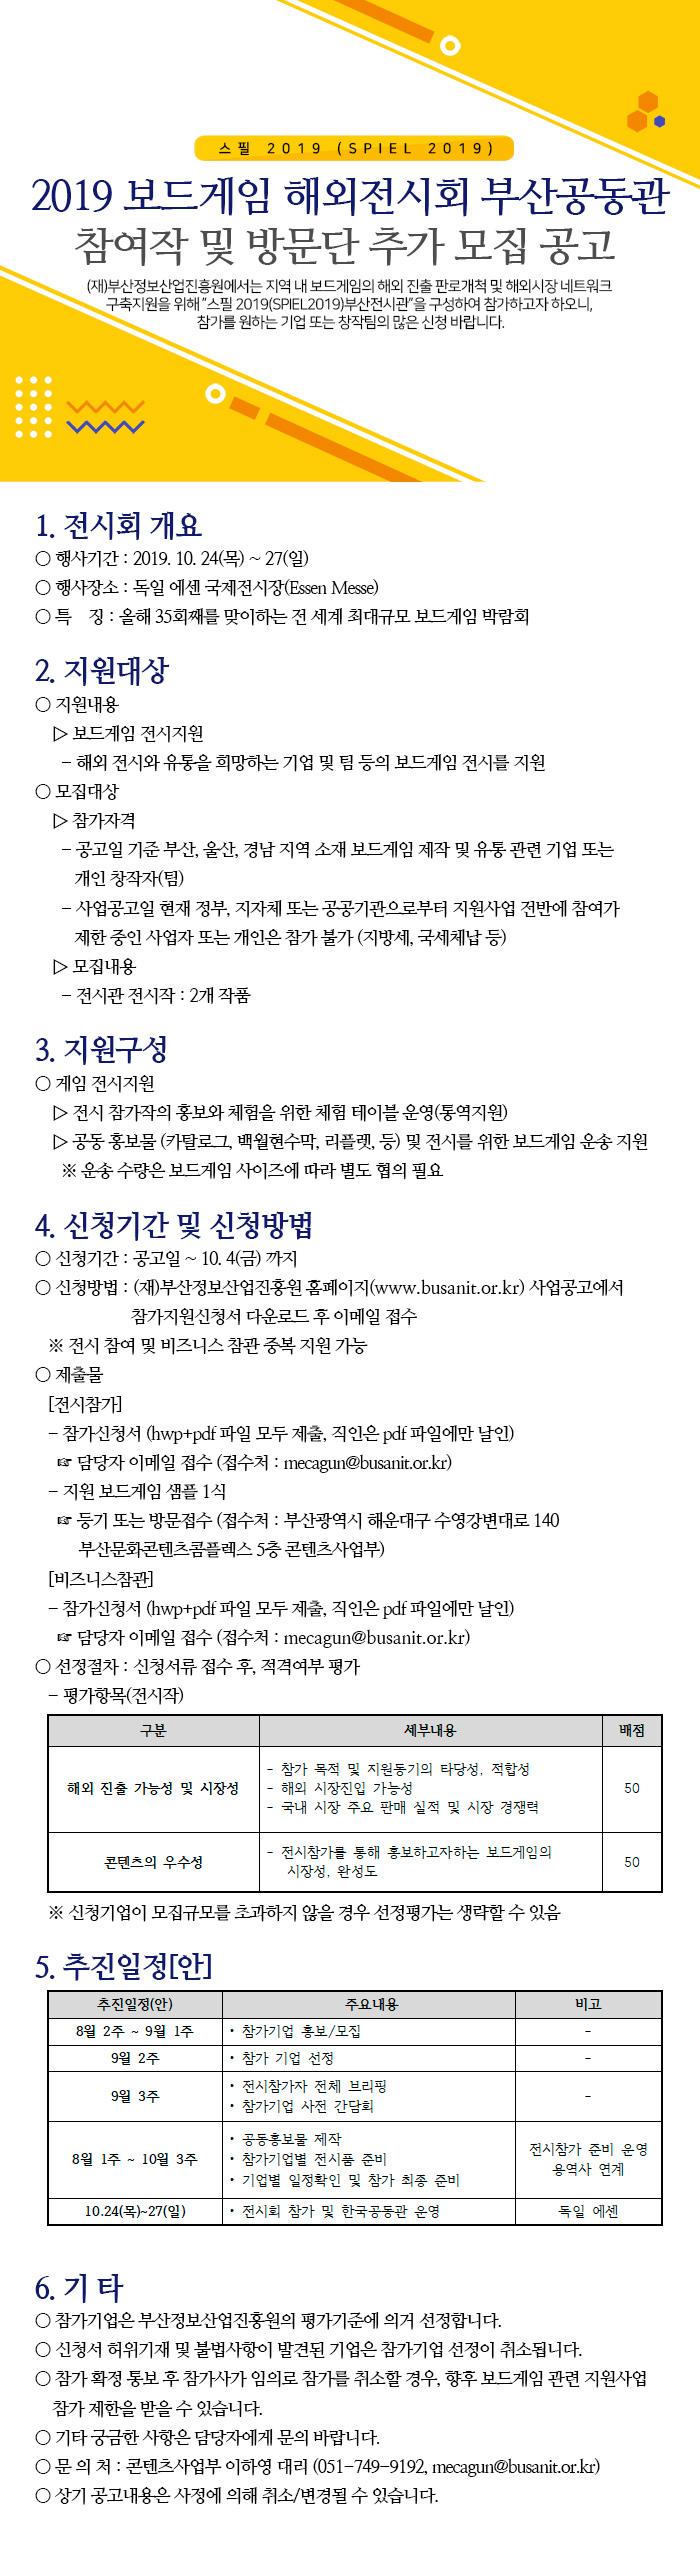 2019 보드게임 해외전시회 부산공동관 참여작 및 방문단 추가 모집 공고